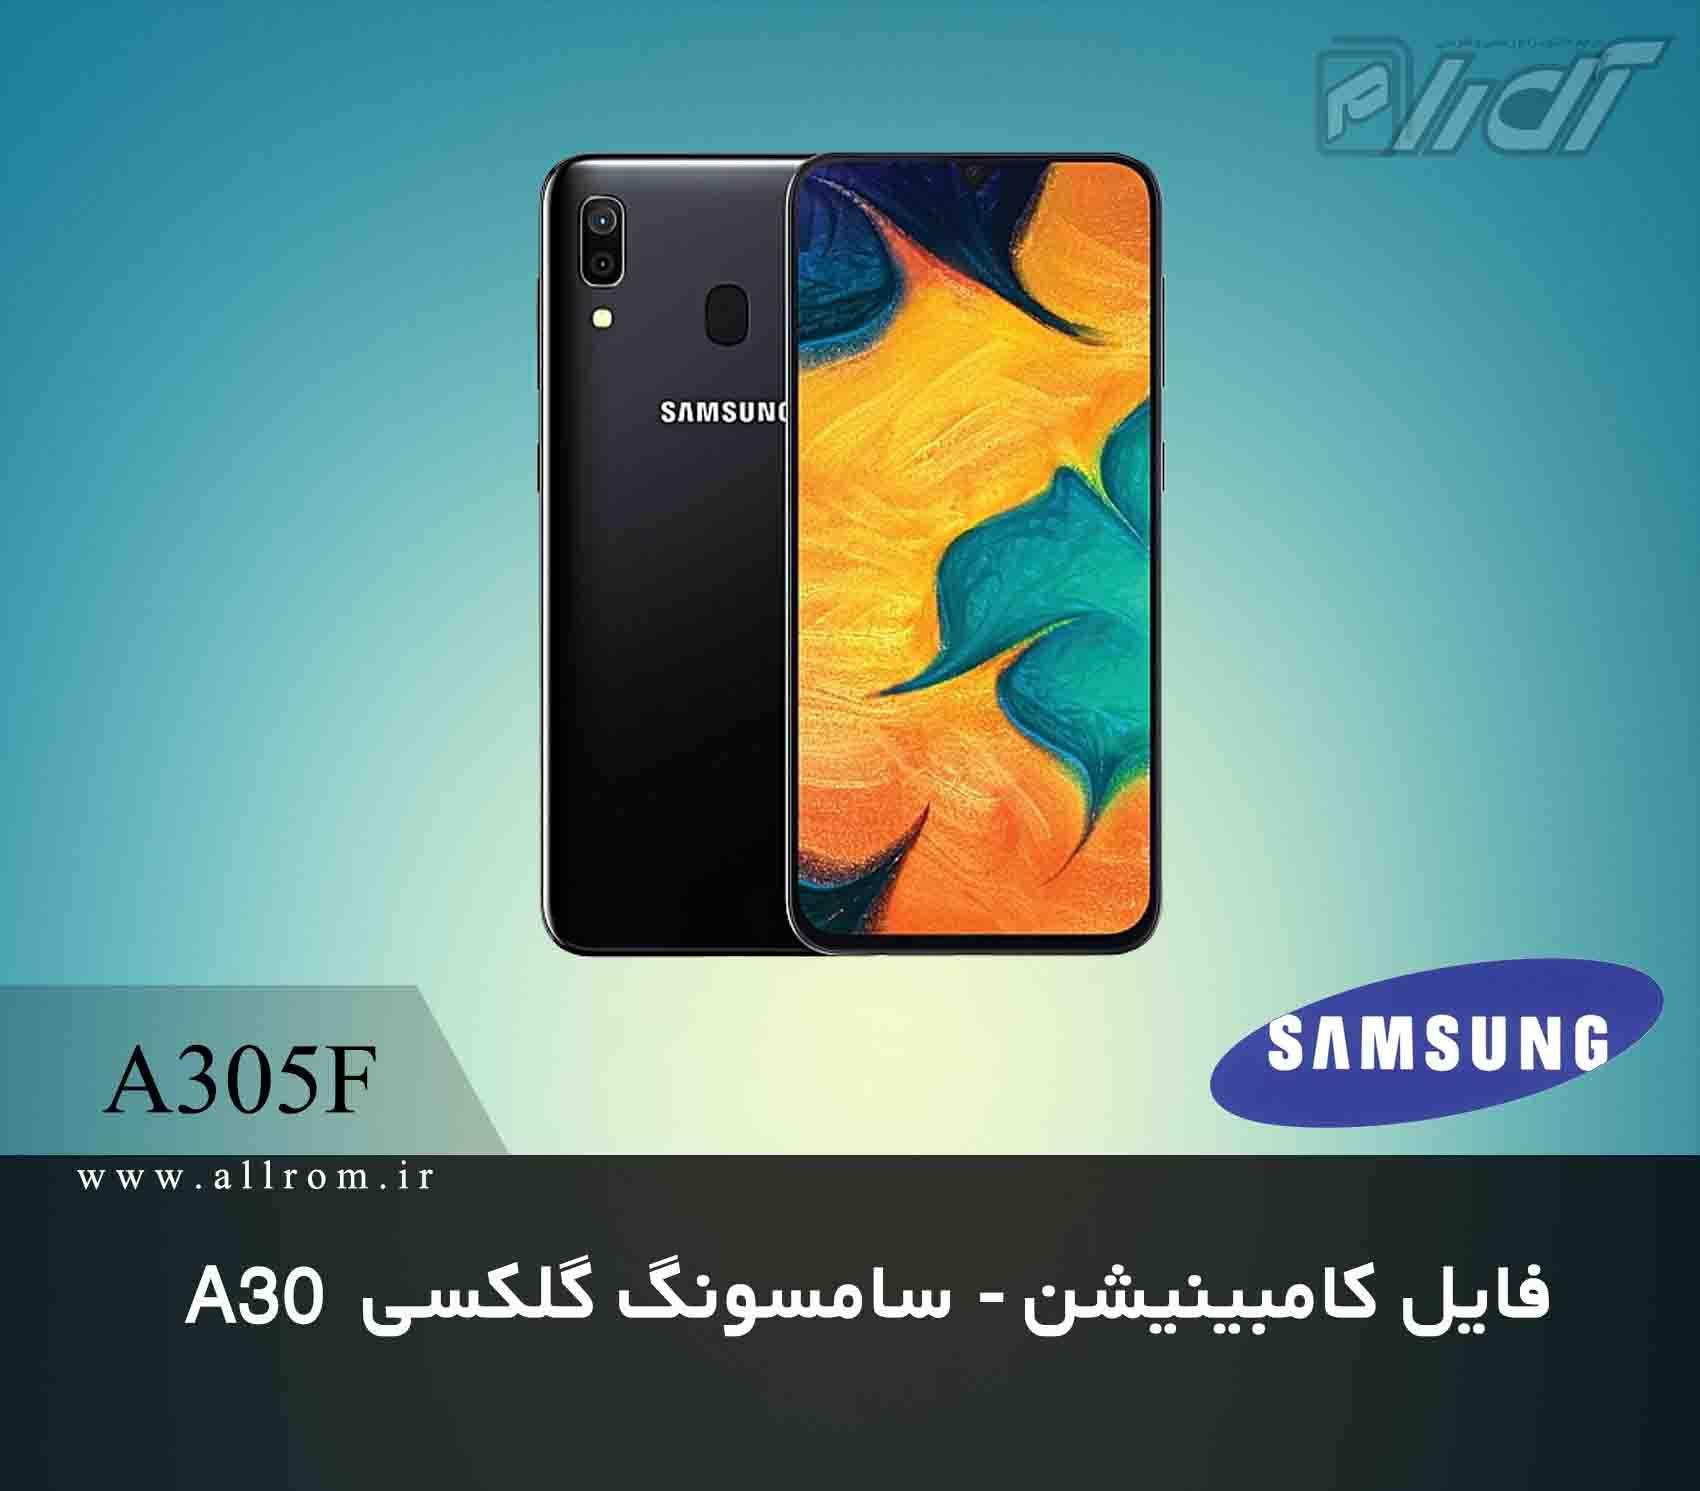 دانلود رام فایل کامبینیشن Samsung Galaxy A30 SM-A305F